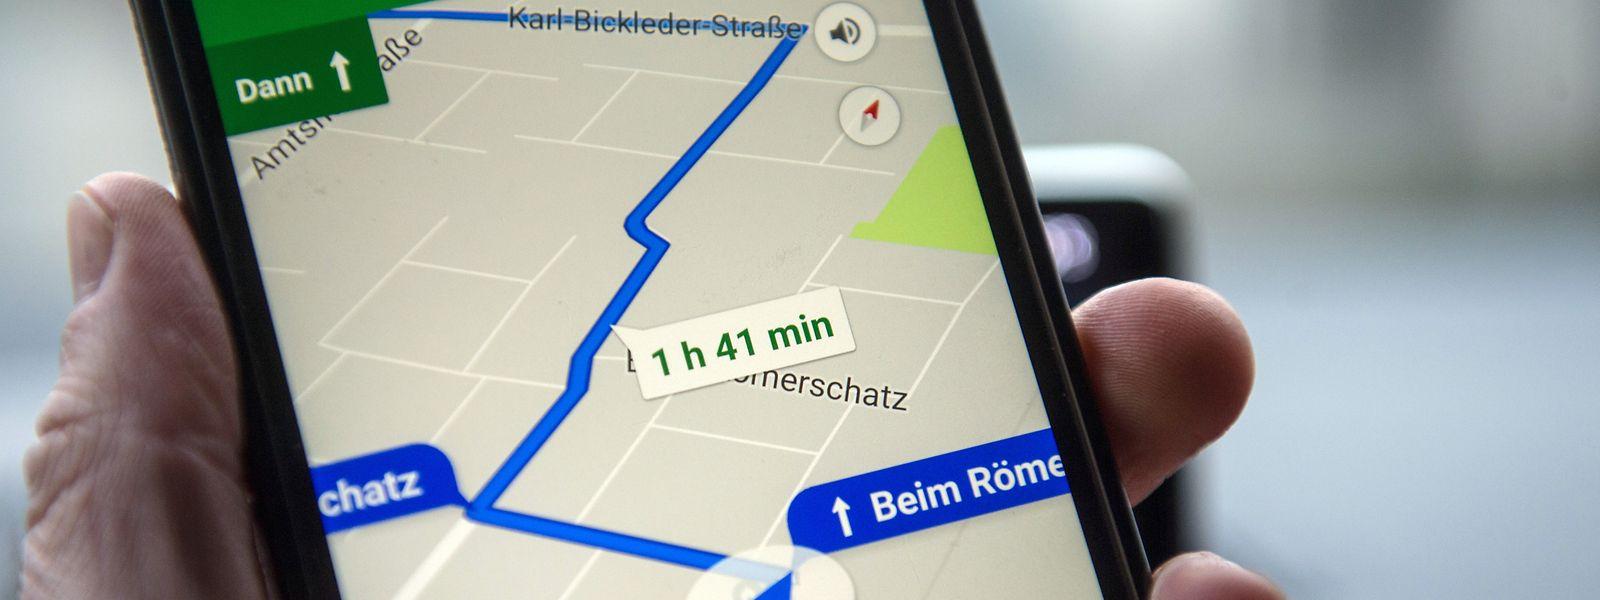 Digitale Karten wie jene von Google Maps sind nicht mehr aus dem Alltag wegzudenken. Doch der Datenhunger der Apps wirft Fragen auf.